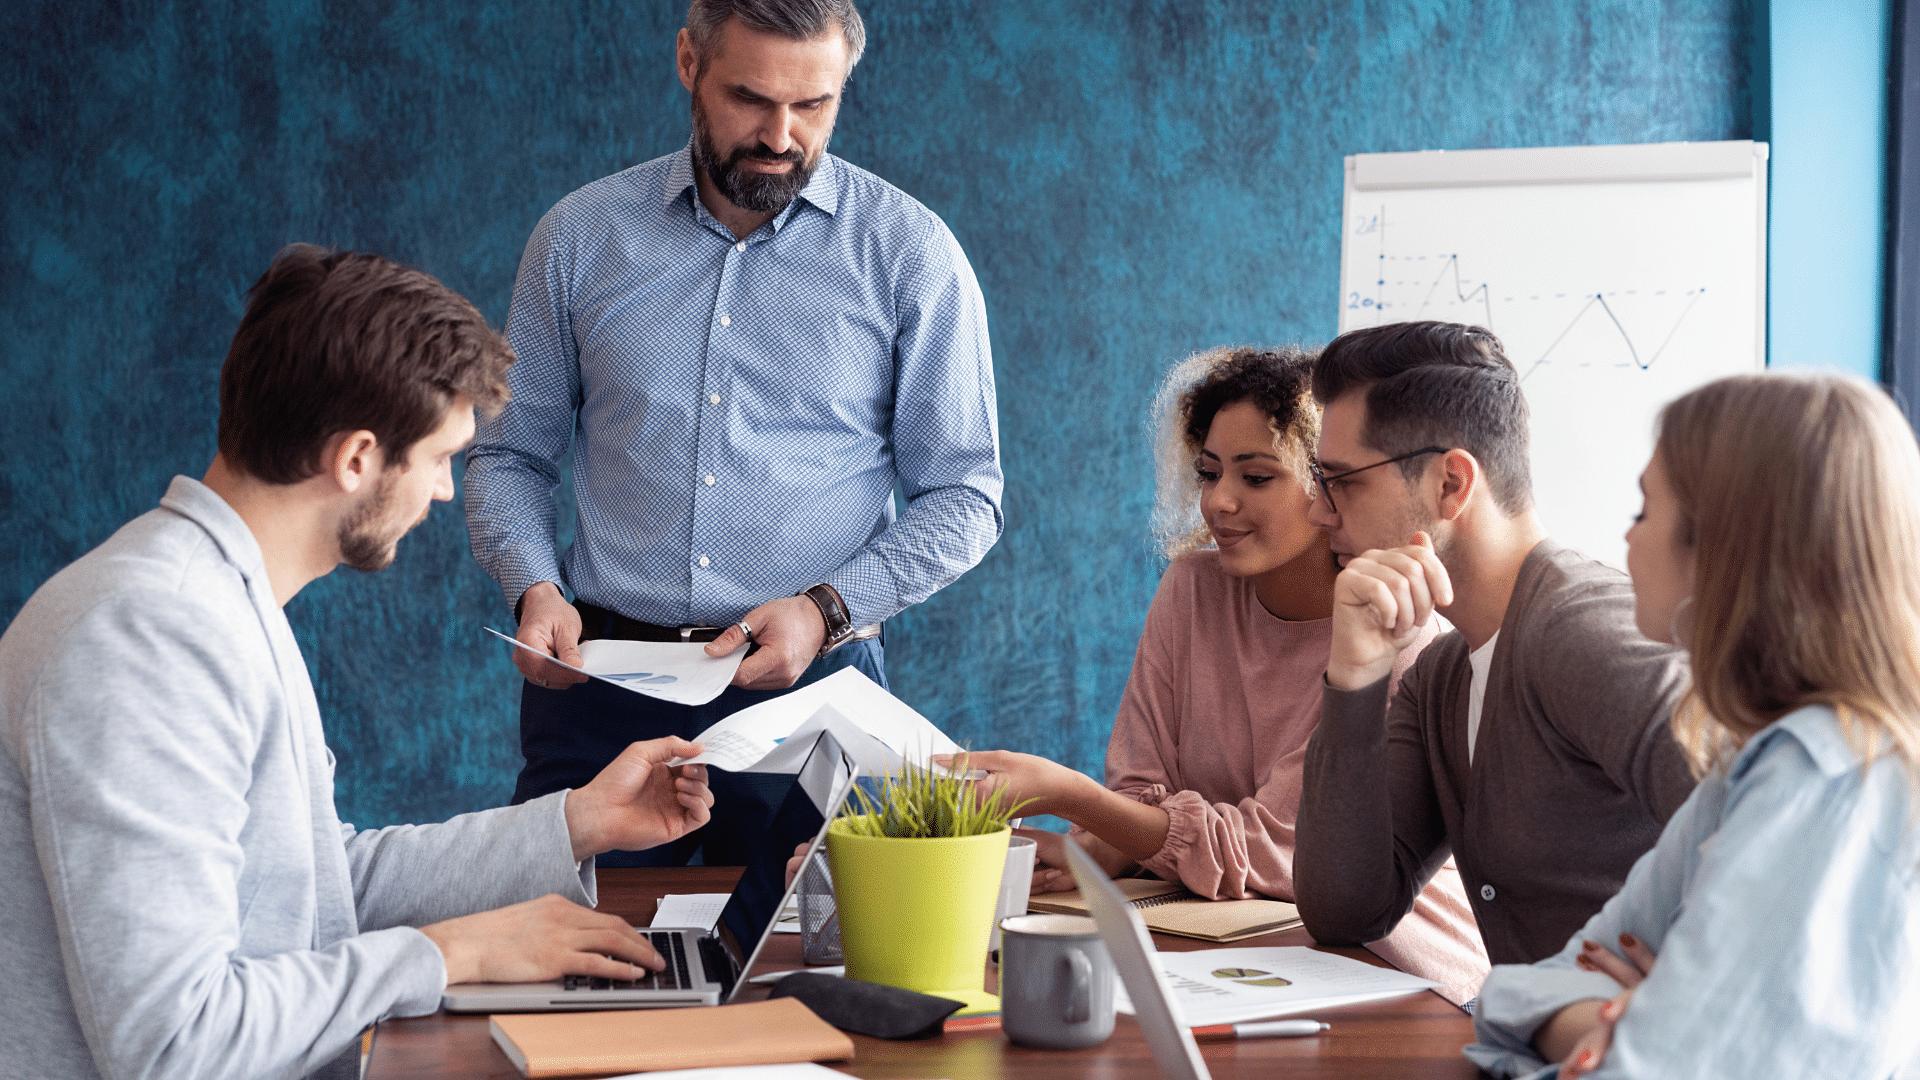 Engagez vos collaborateurs grâce au mur digital